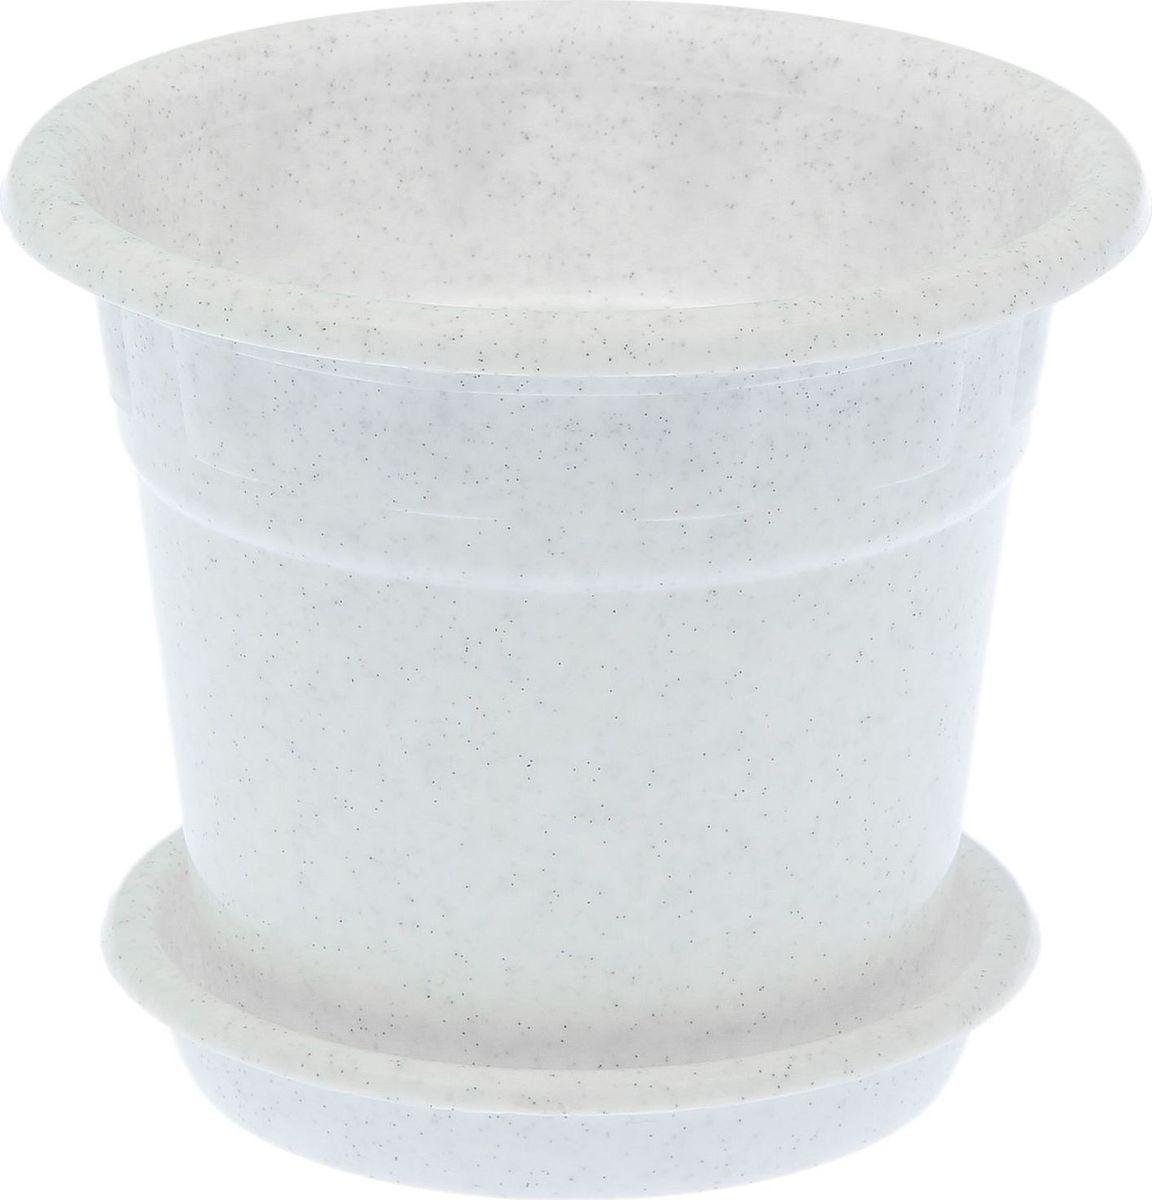 Горшок для цветов Пластик, с поддоном, цвет: белый мрамор, 1 л пластиковые горшки для цветов в москве